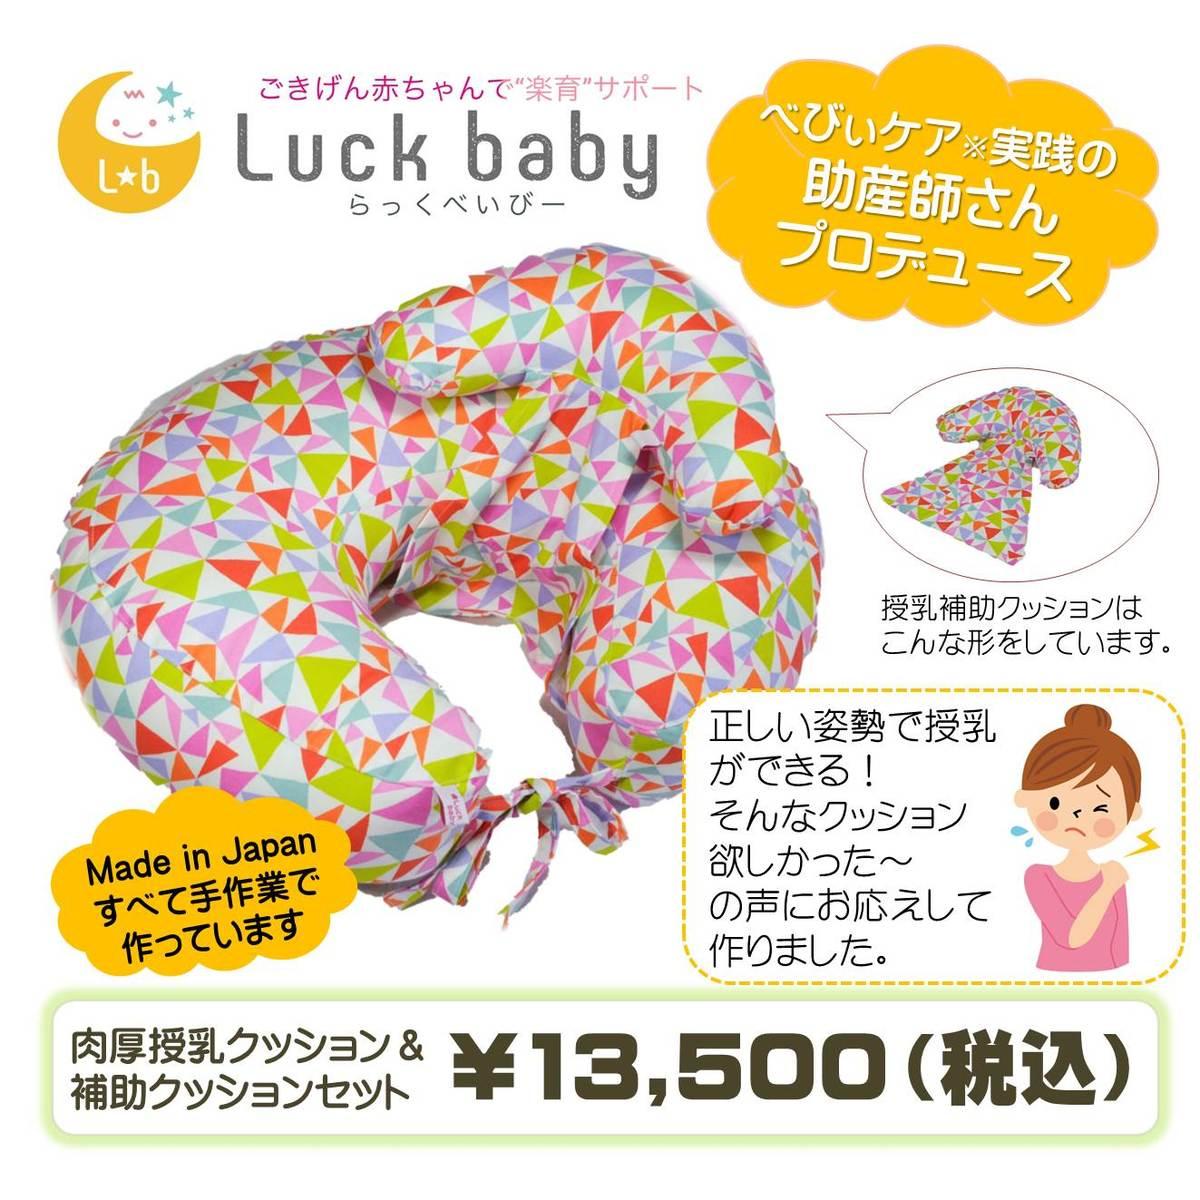 【送料無料】肉厚!!授乳クッション&補助クッションセット ラックベイビー らっくべいびー Luck baby